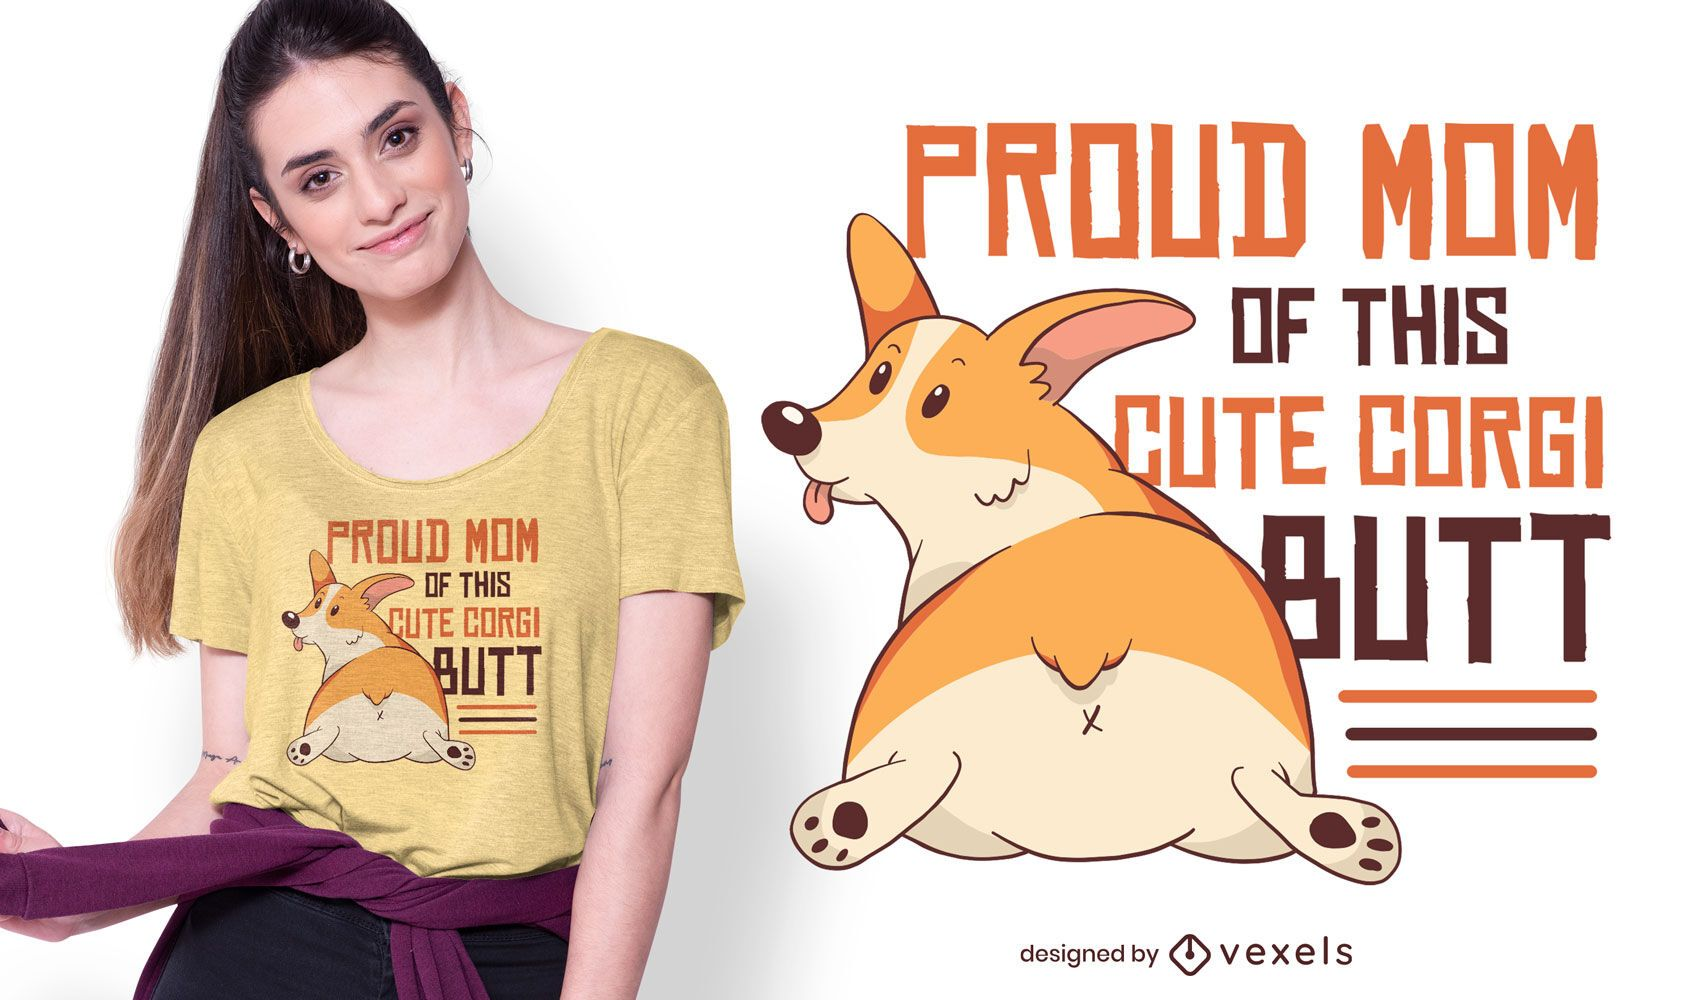 Corgi mom t-shirt design